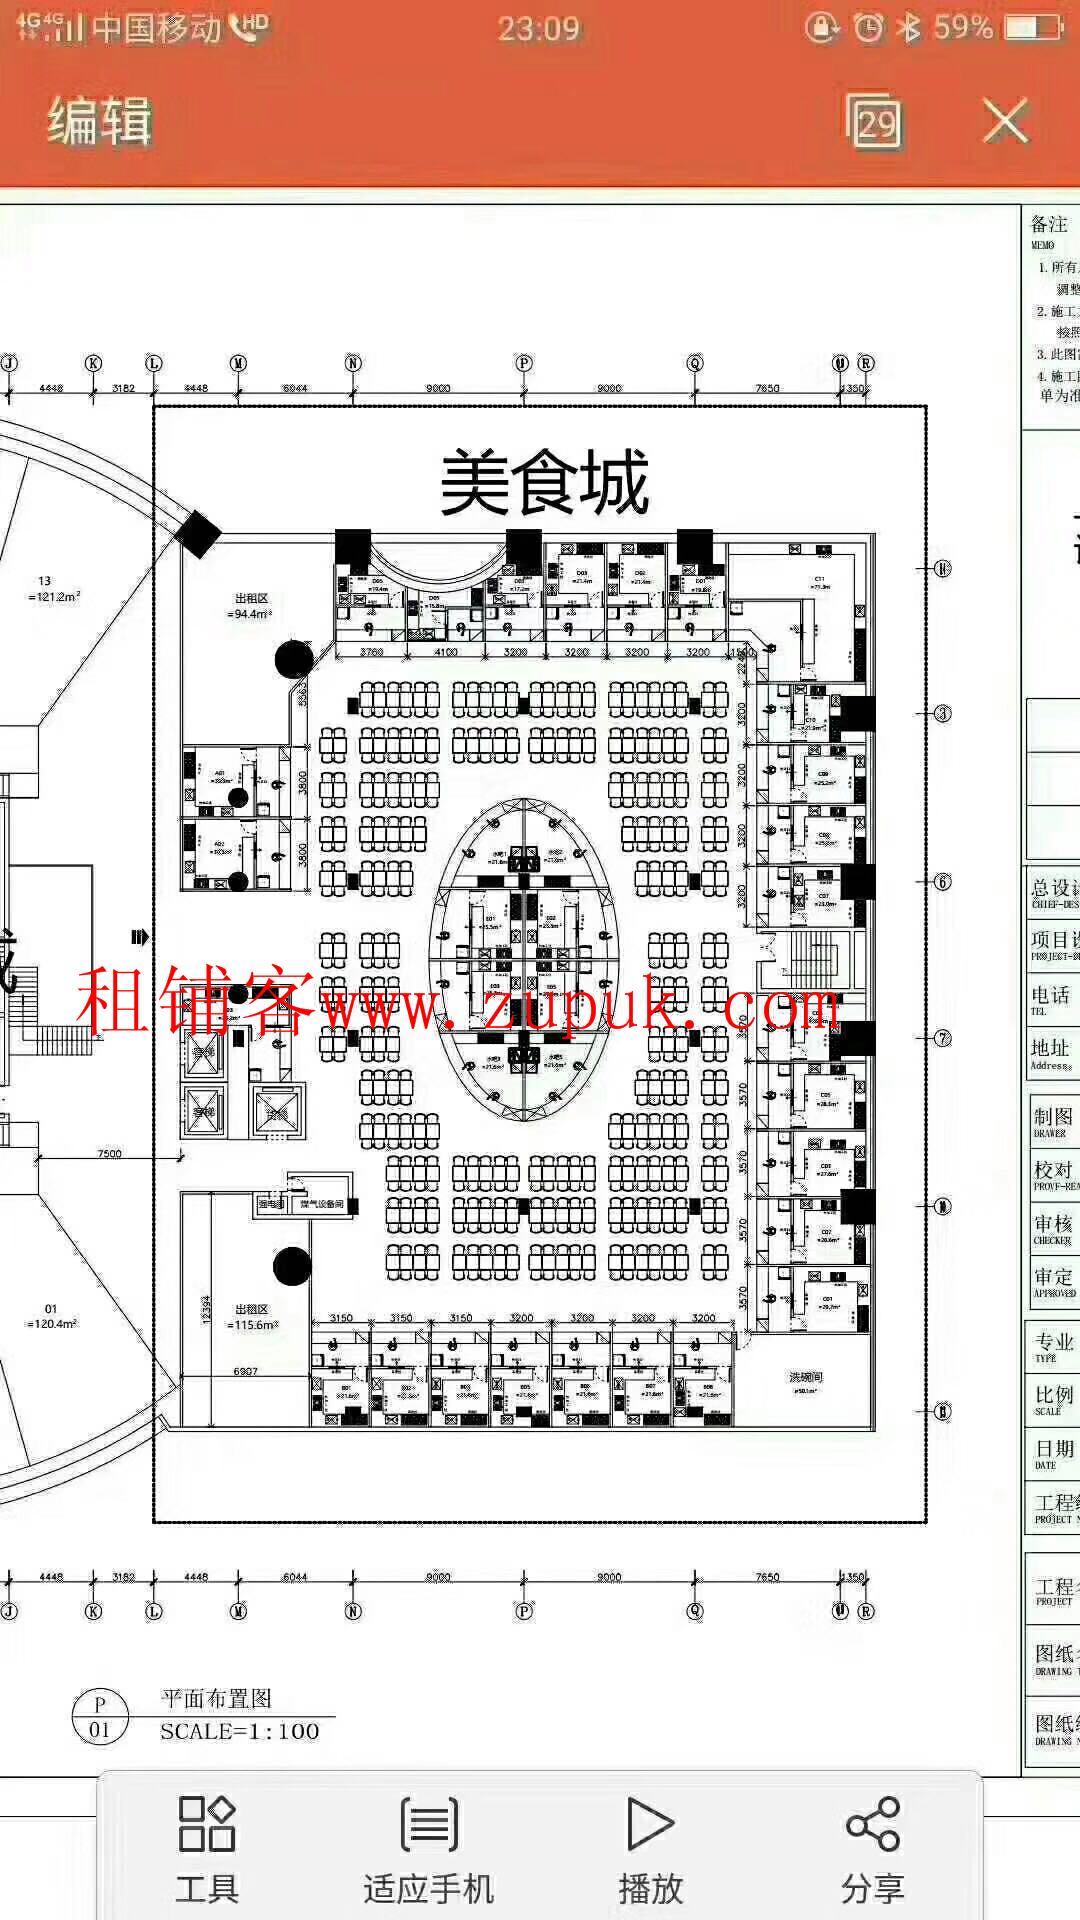 虹口吴凇路海宁路商业街门面招租 开发商签约无中介 业态不限